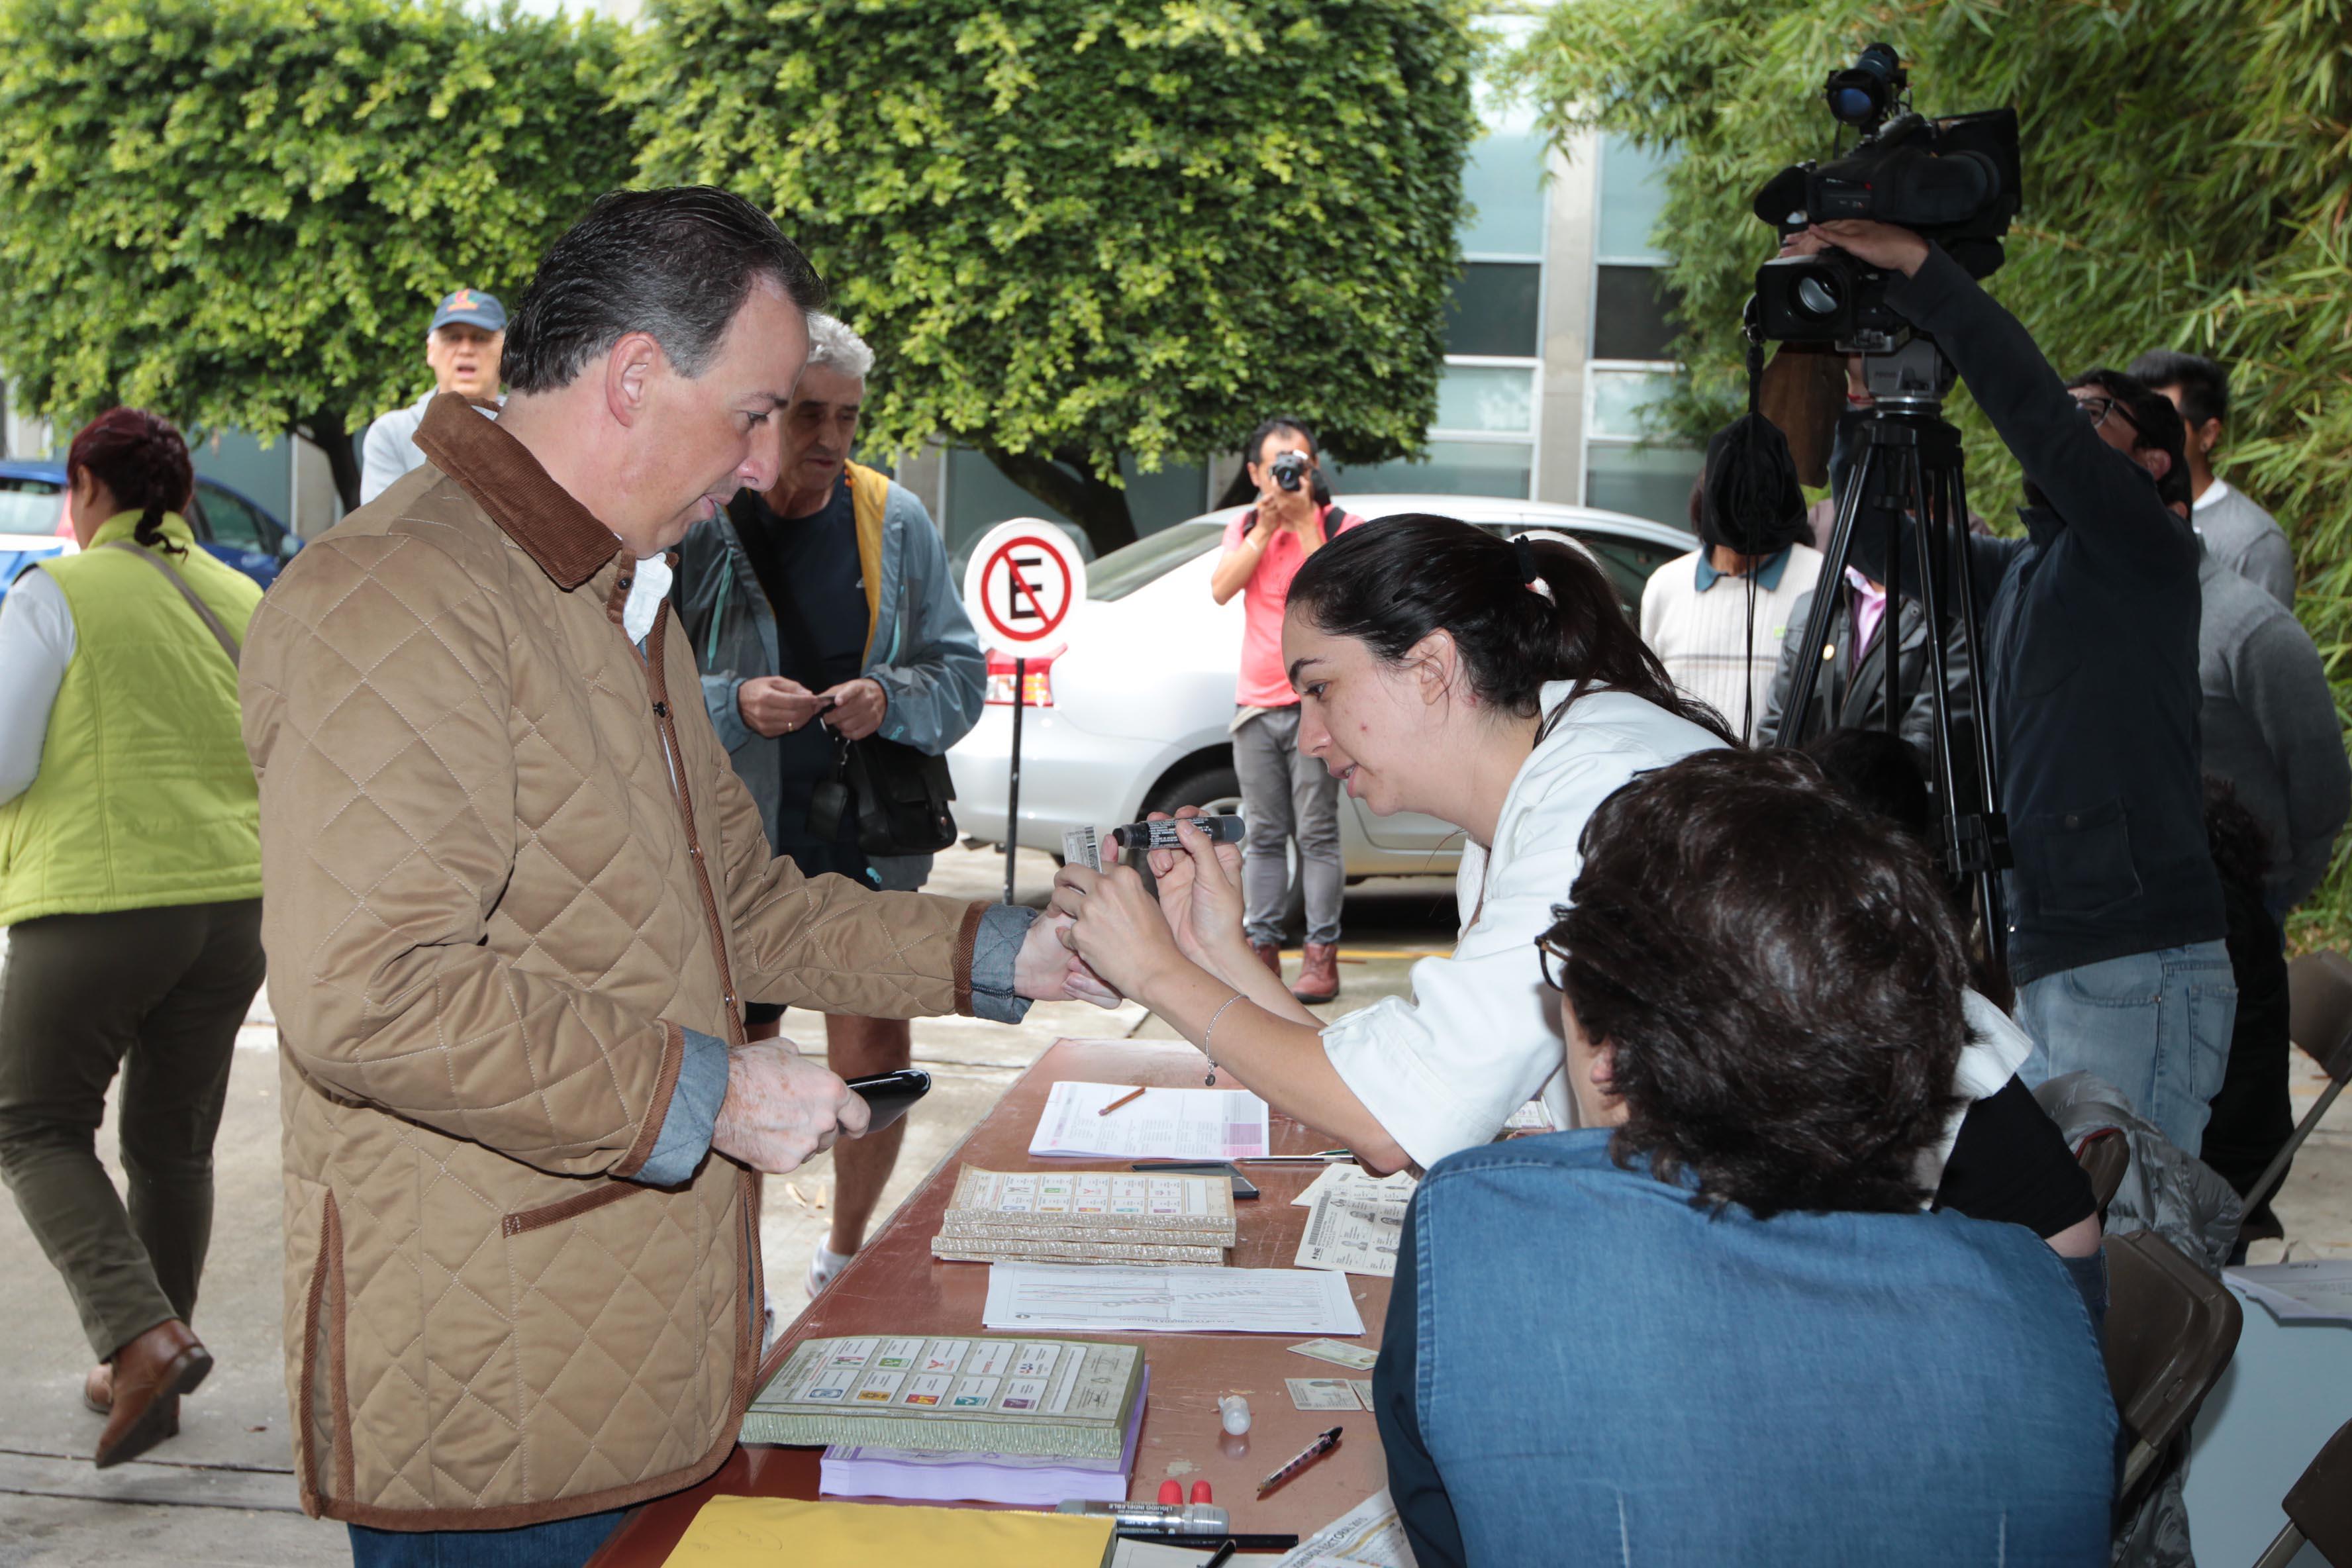 FOTO 3 Canciller Jos  Antonio M ade acudi  a votar este 7 de juniojpg